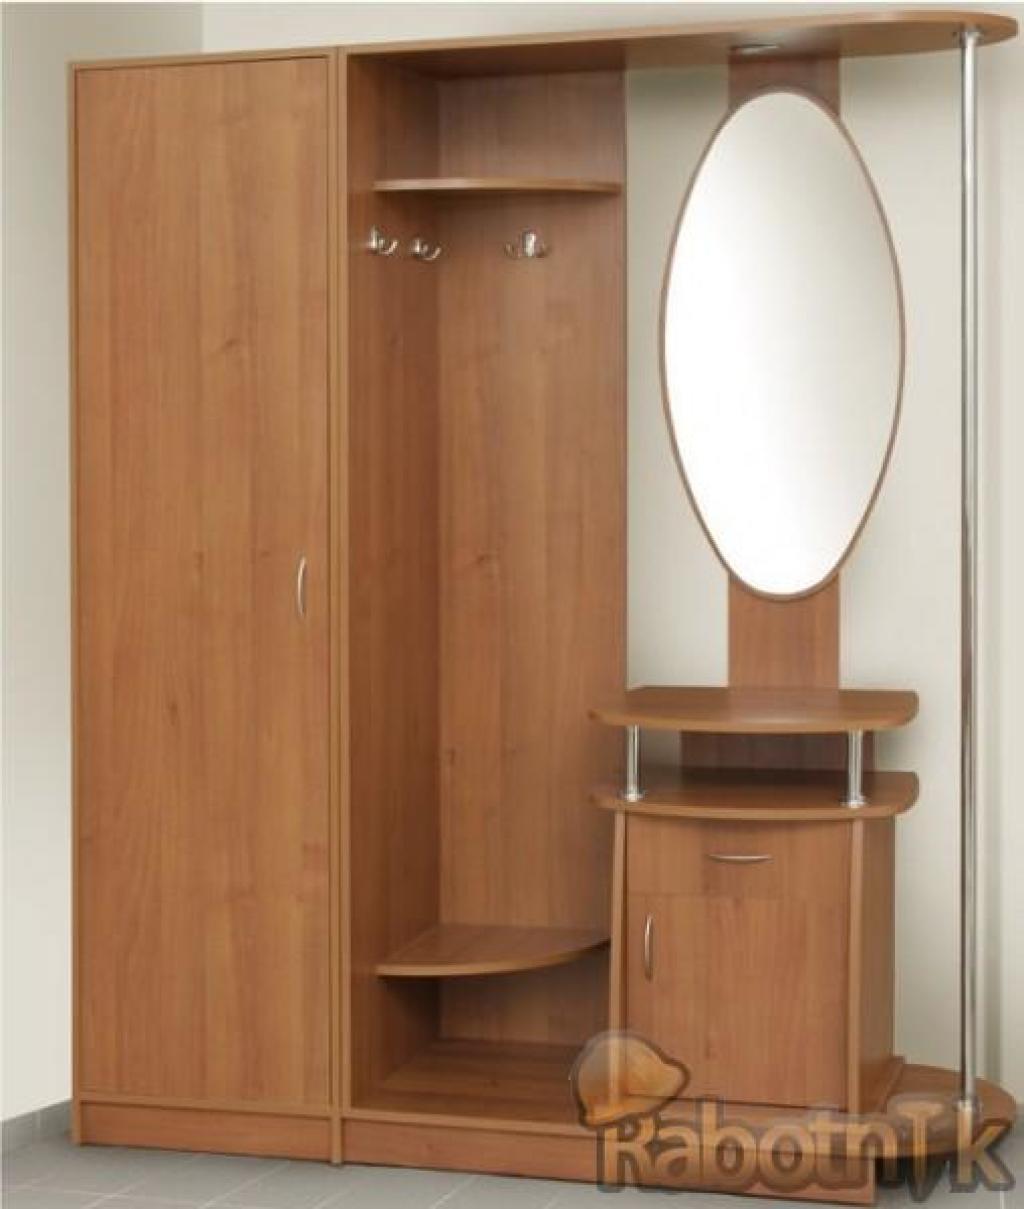 Томск: изготовление мебели на заказ, шкафы-купе,кухни,детски.